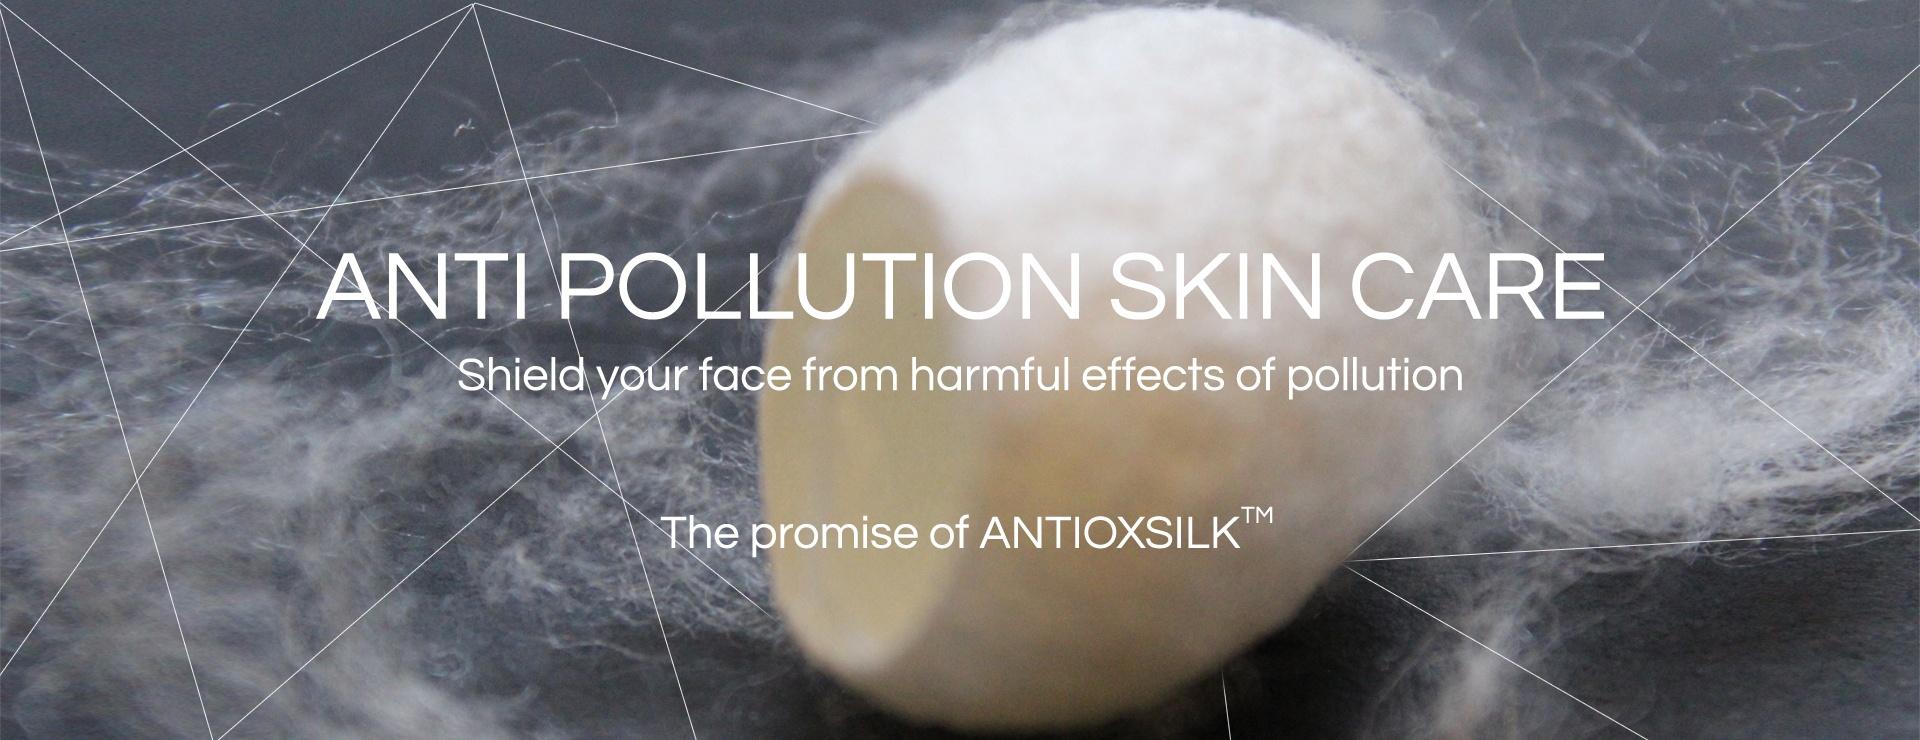 FOM Skincare